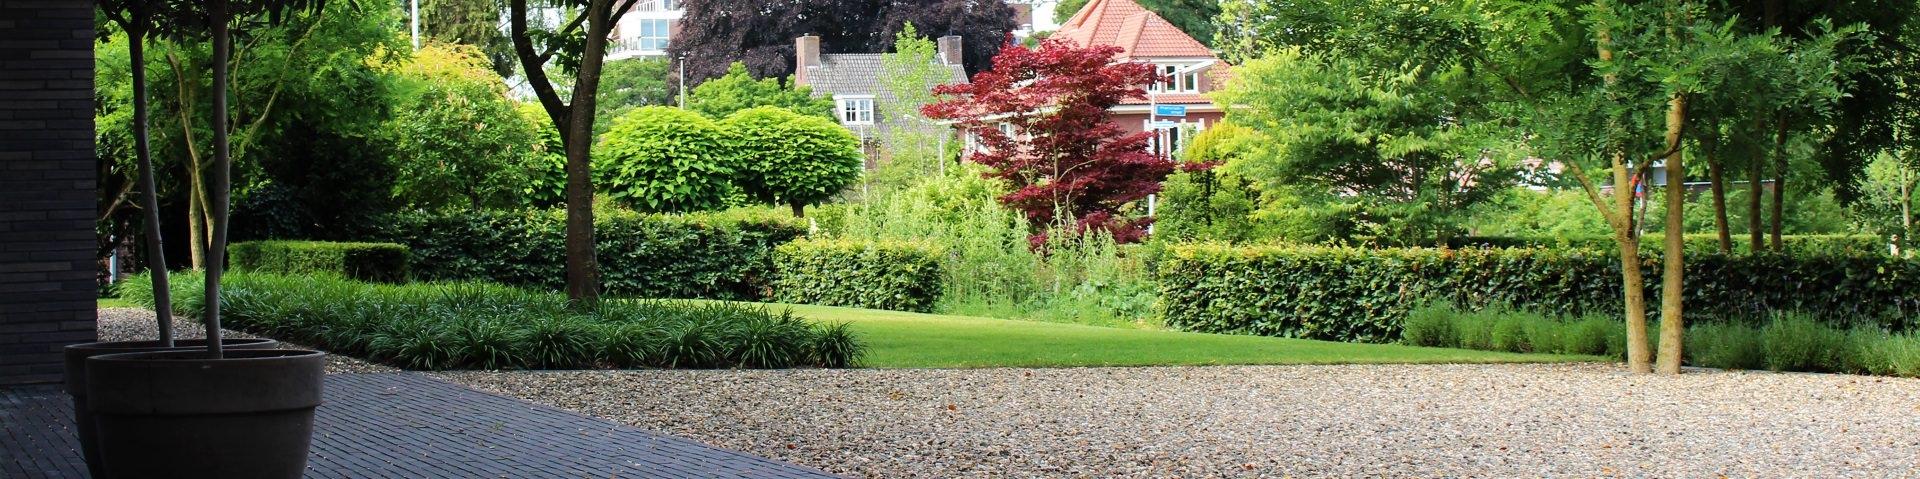 Tuinonderhoud in nijmegen uw tuin zorgt dat uw tuin mooi for Tuin aanleggen nijmegen